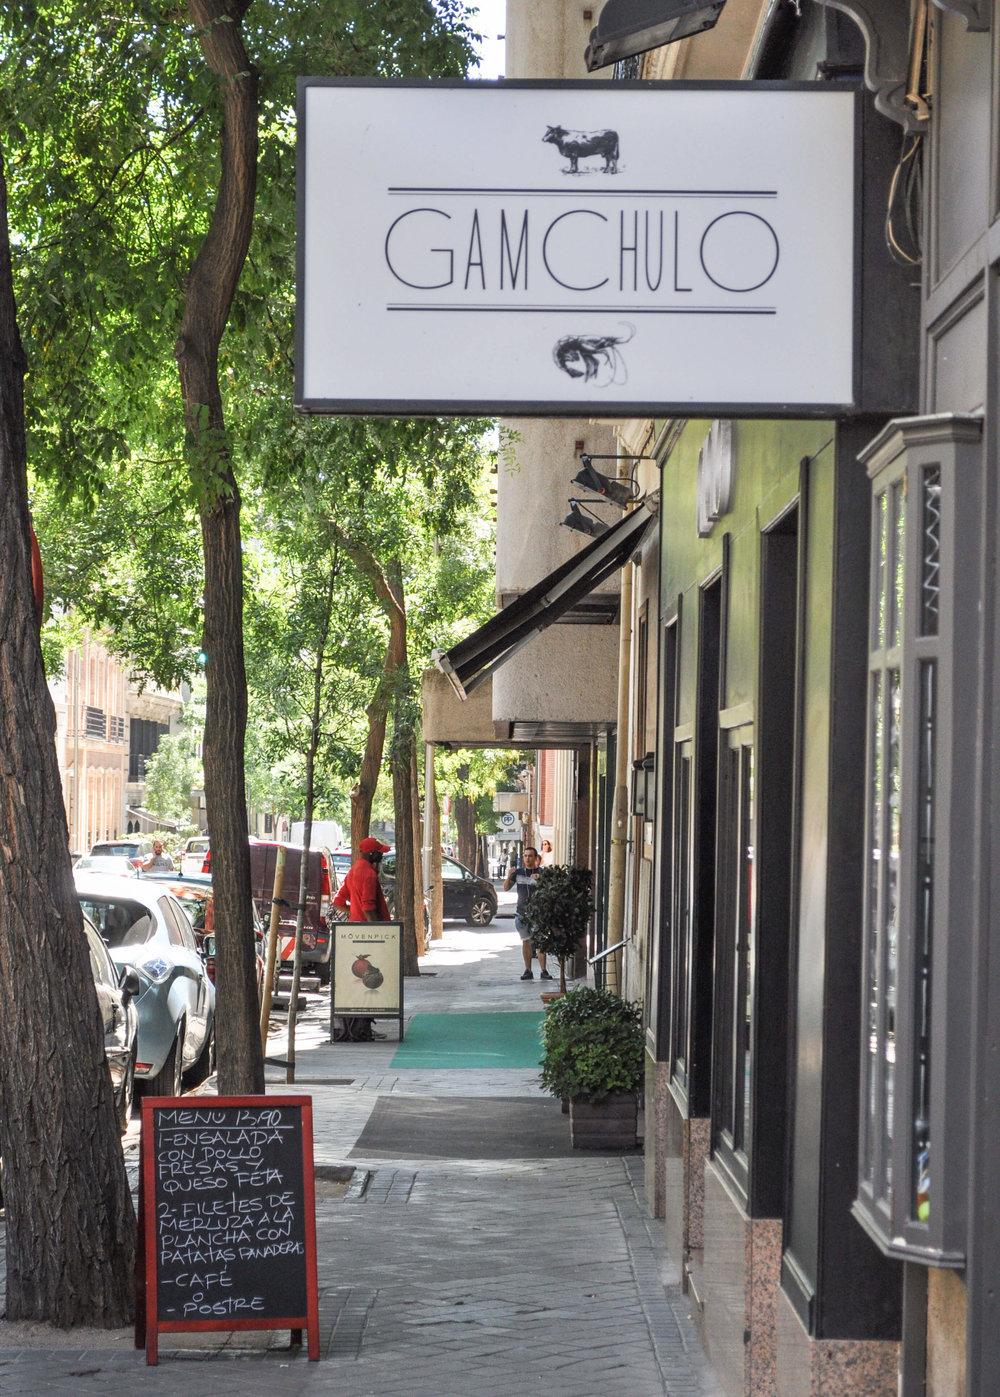 Gamchulo-2.jpg